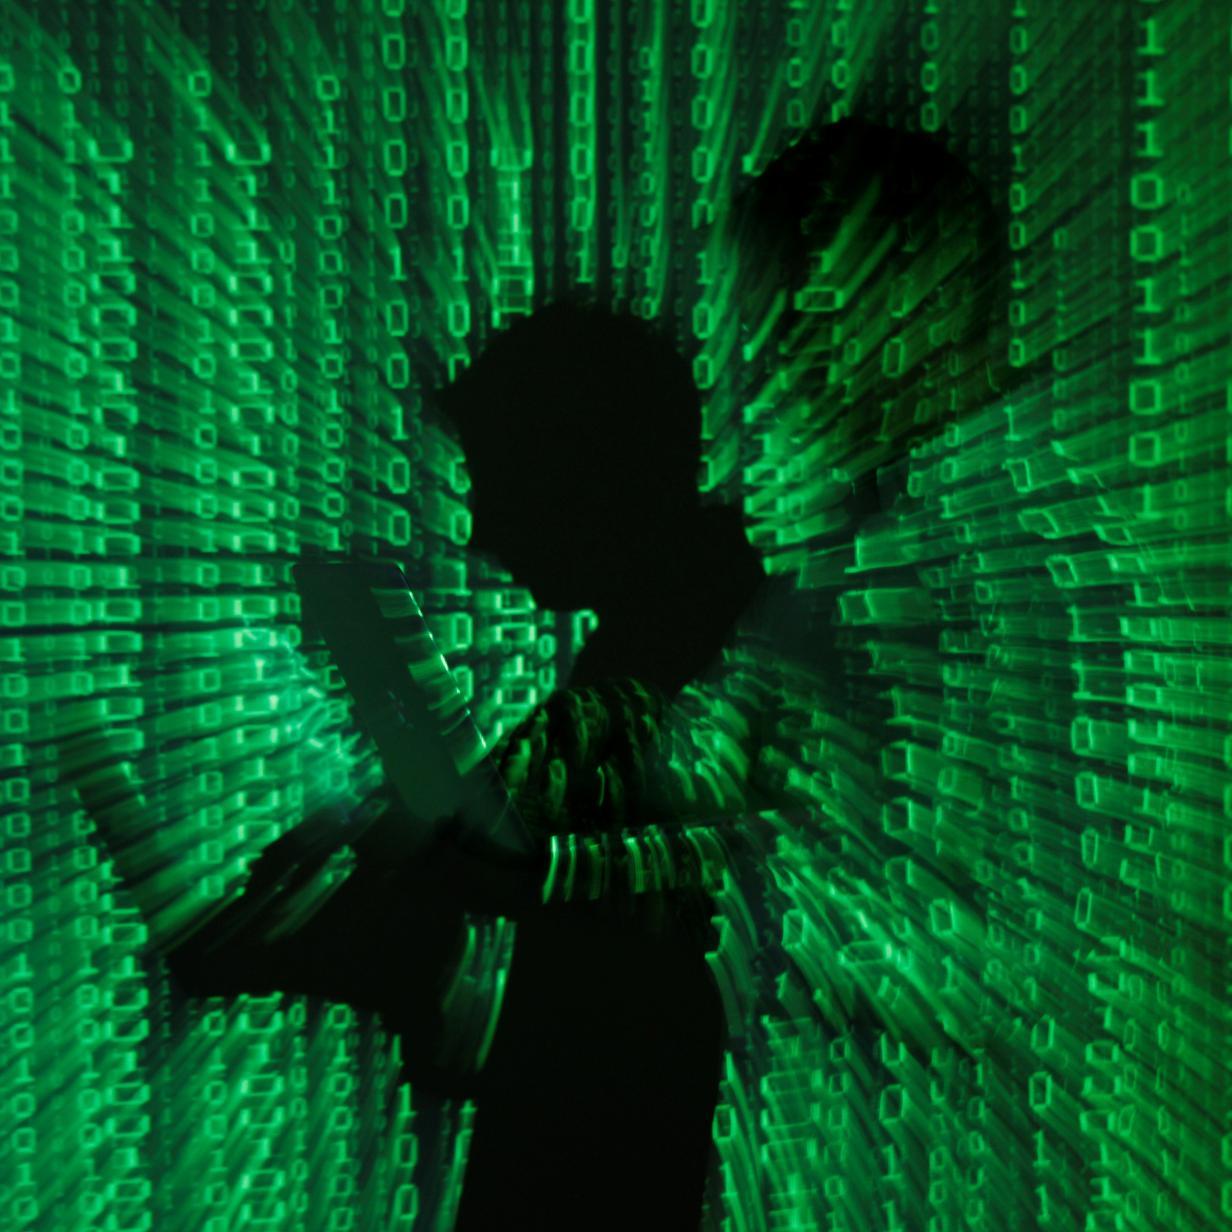 Wissenschaftsministerium fördert digitale Projekte mit 50 Millionen Euro